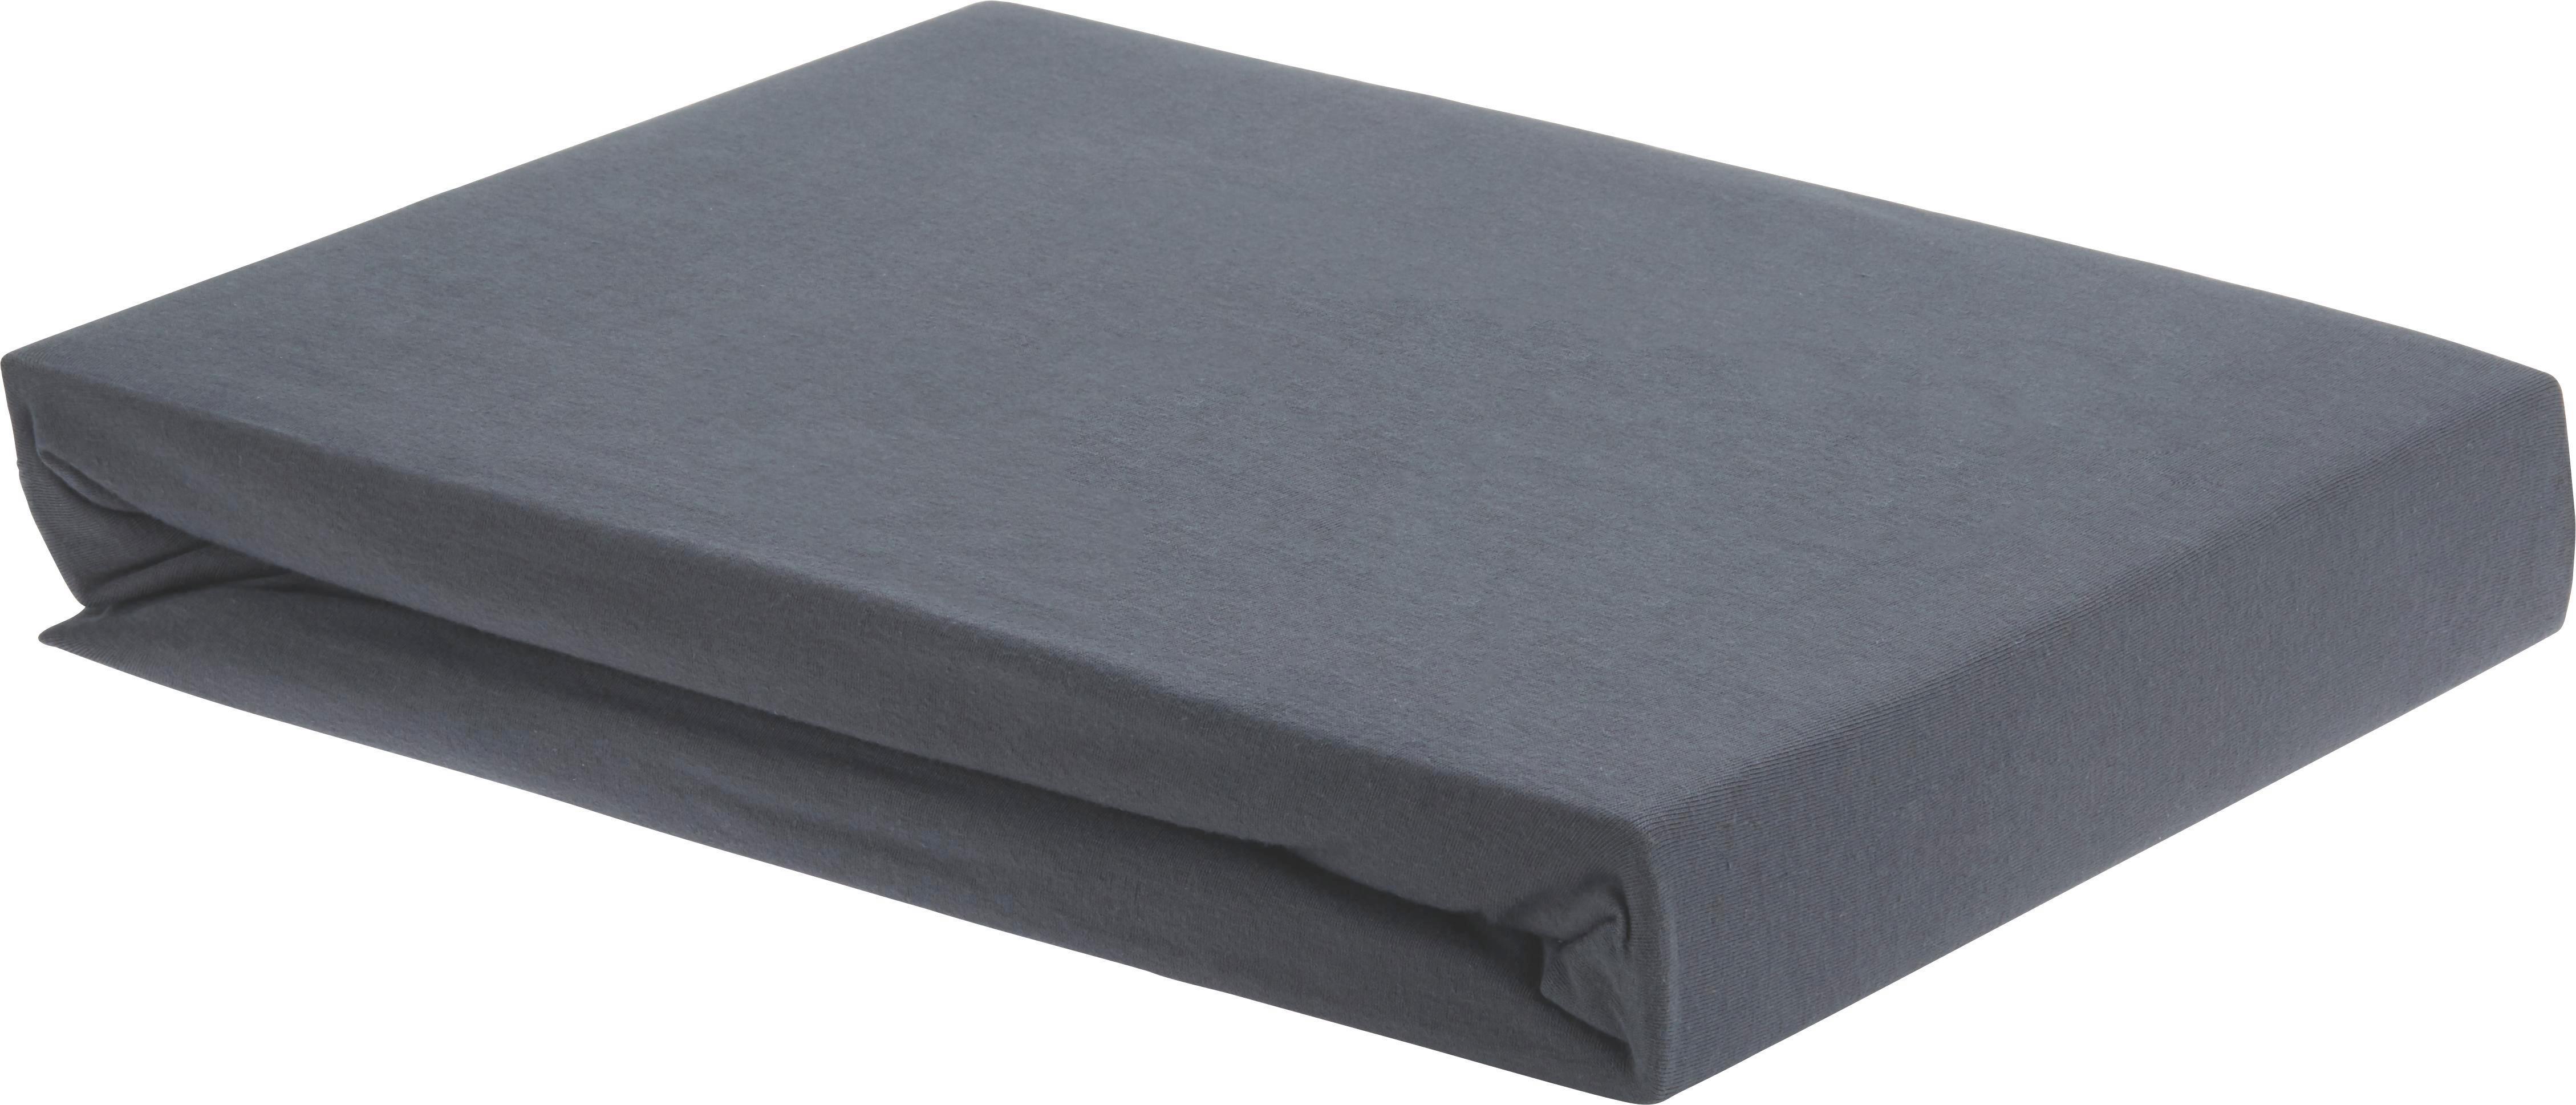 Gumis Lepedő Elasthan Hoch - antracit, textil (150/200cm) - premium living